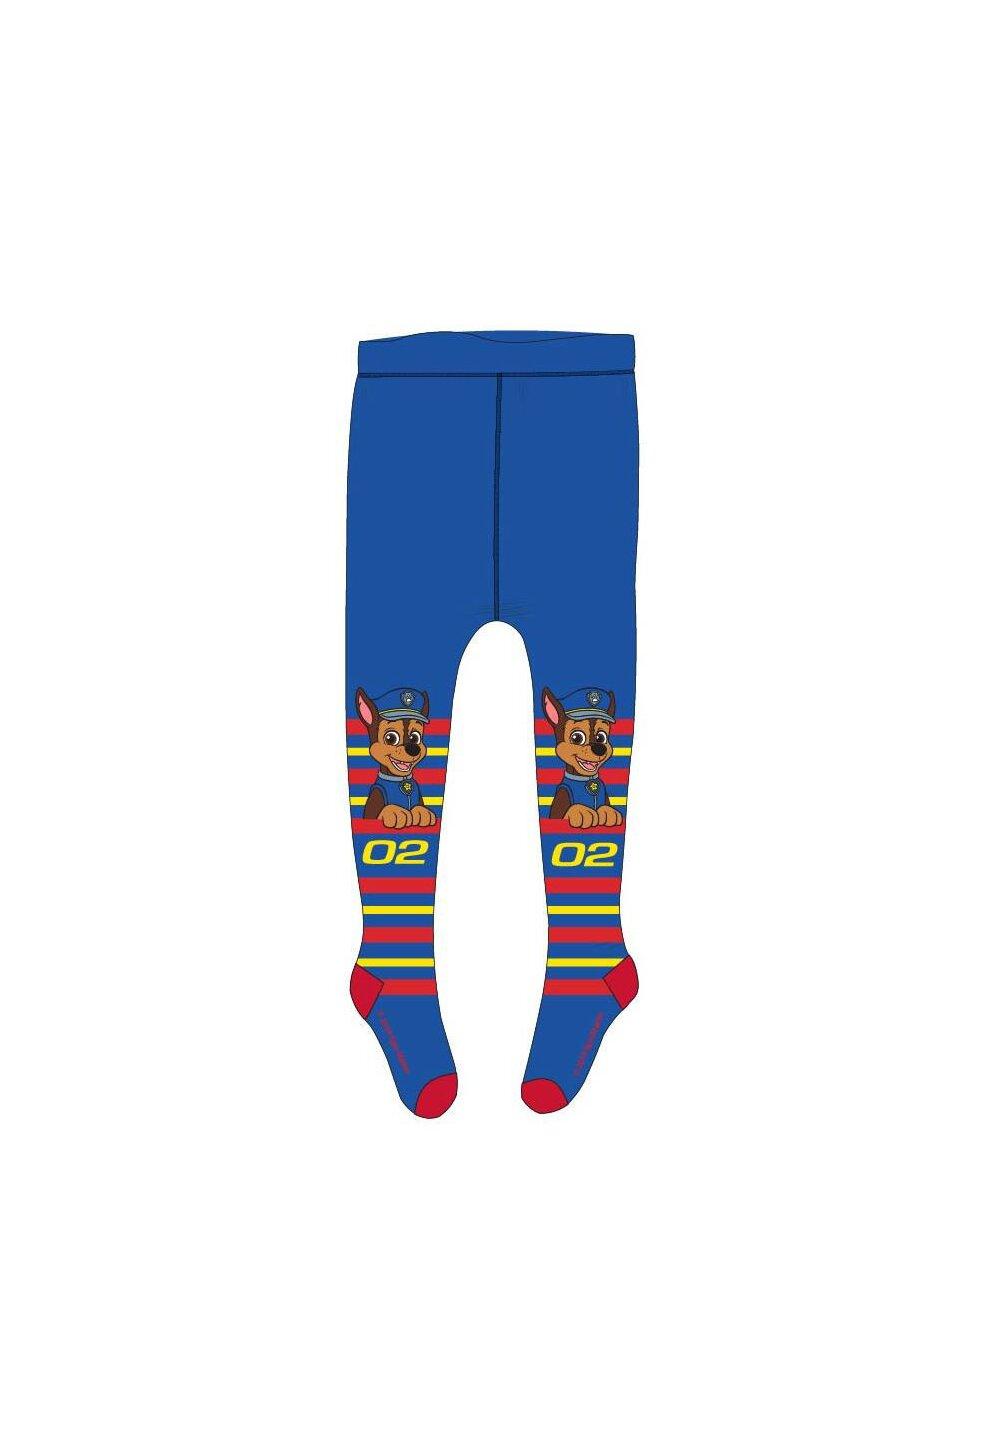 Ciorapi cu chilot, Chase 02, albastri cu dungi colorate imagine